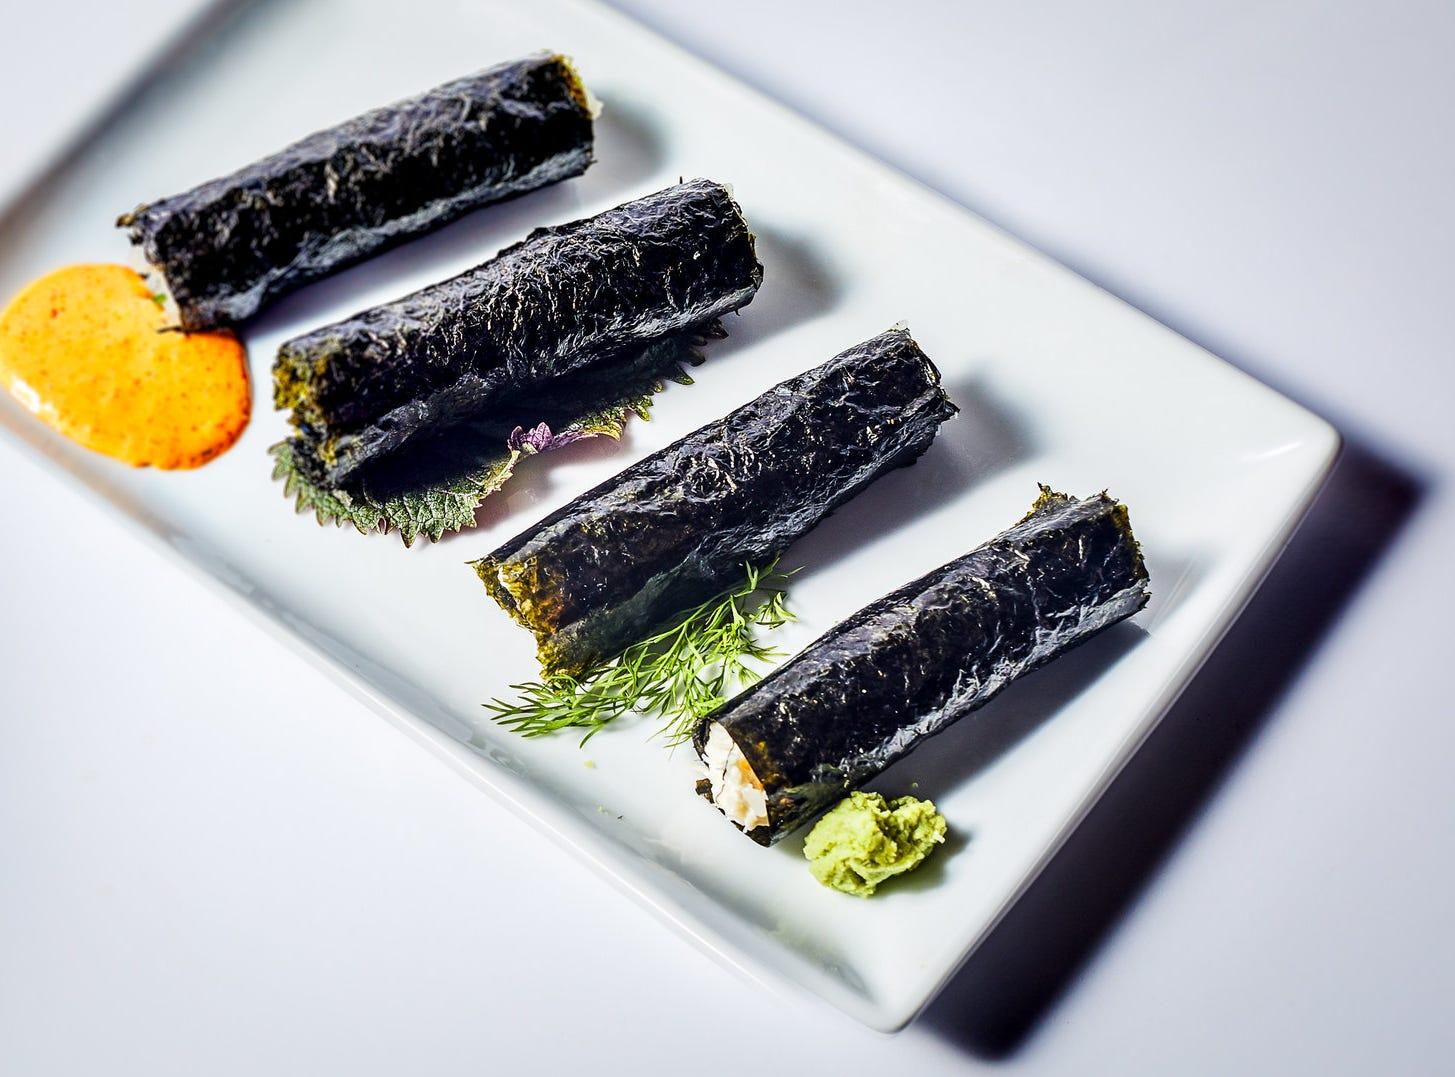 Cigar handrolls (tuna, hamachi, salmon, blue crab) at Bar Otaku.